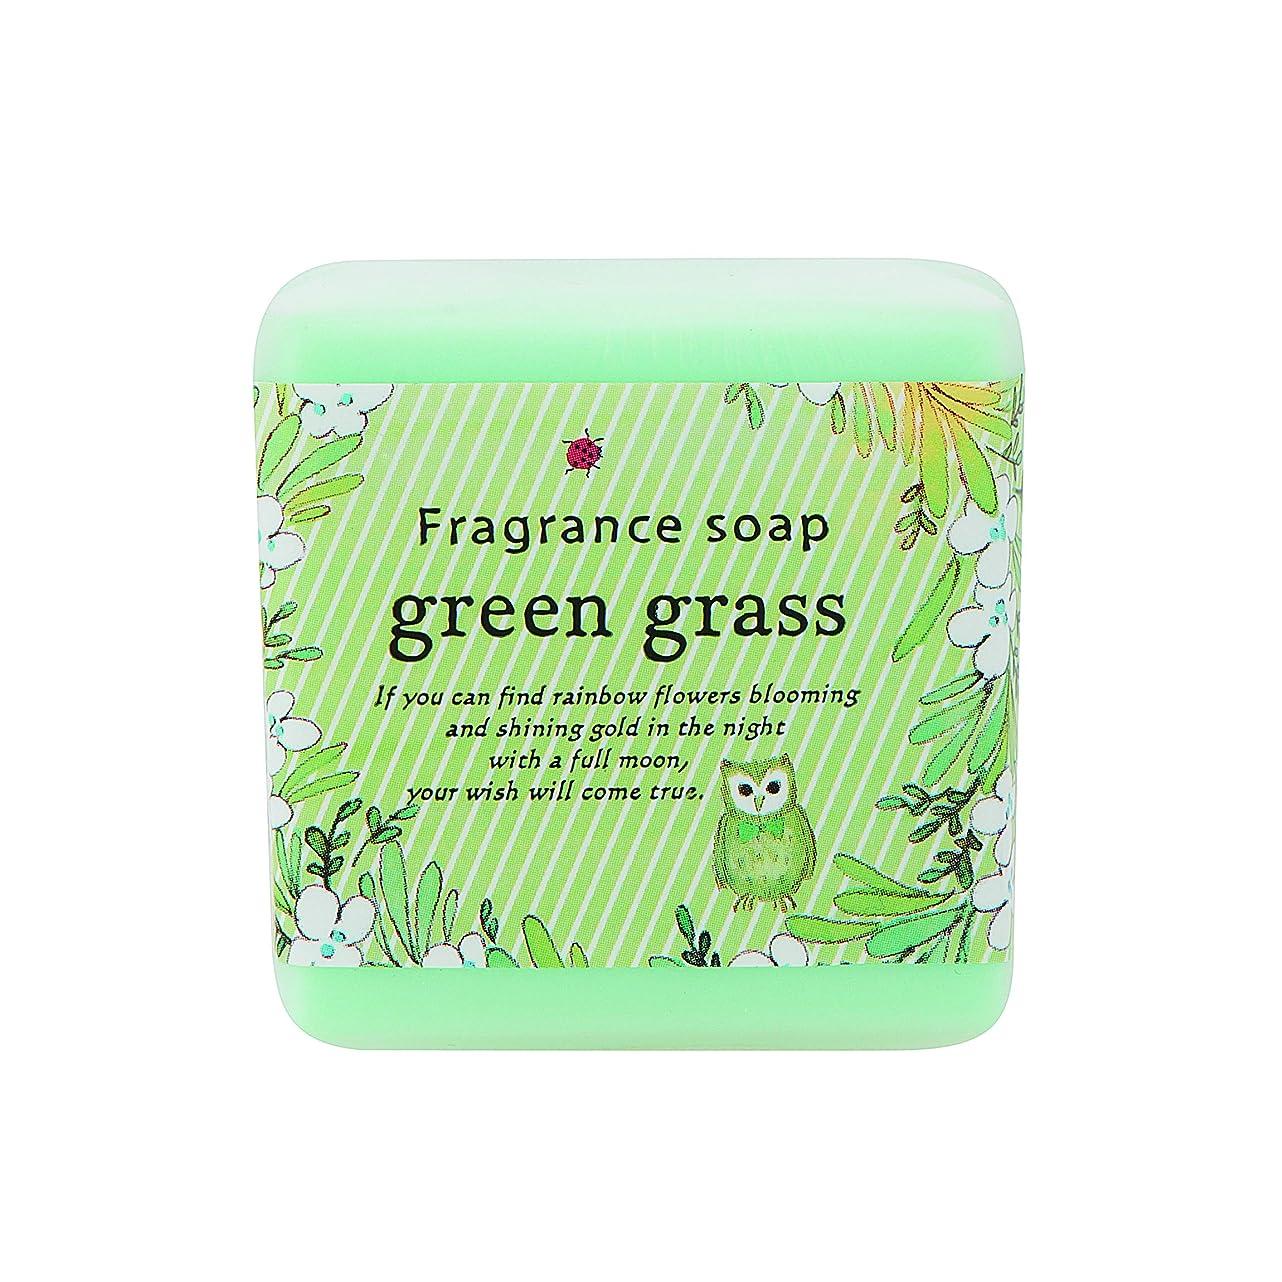 農夫パンチ保証サンハーブ フレグランスソープ40g グリーングラス 12個(プチ石けん ゲストソープ 爽やかでちょっと大人の香り)